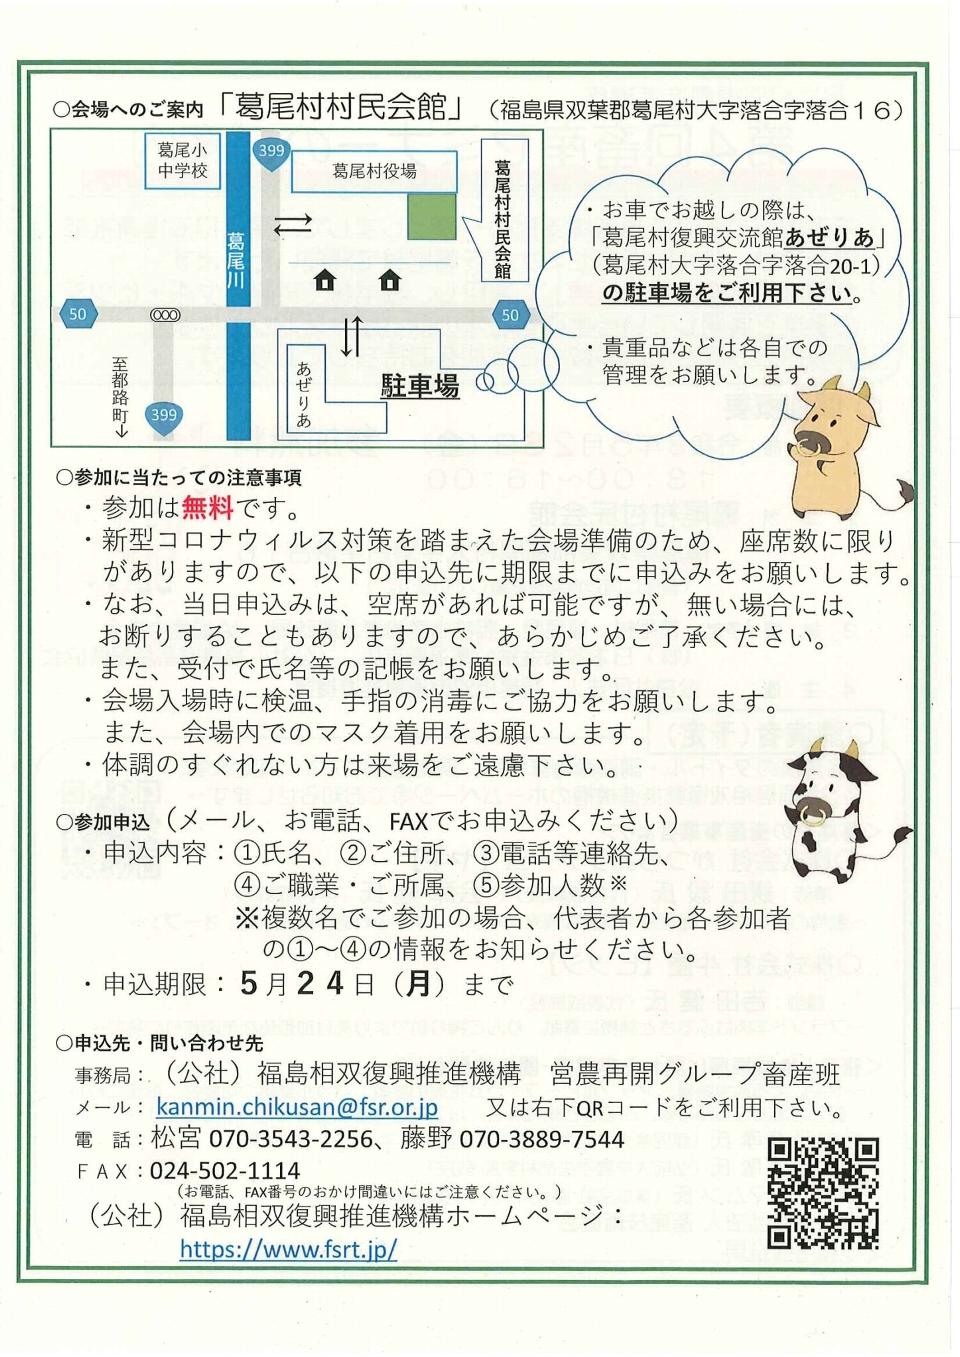 【葛尾村】第4回 畜産セミナー @ 葛尾村村民会館